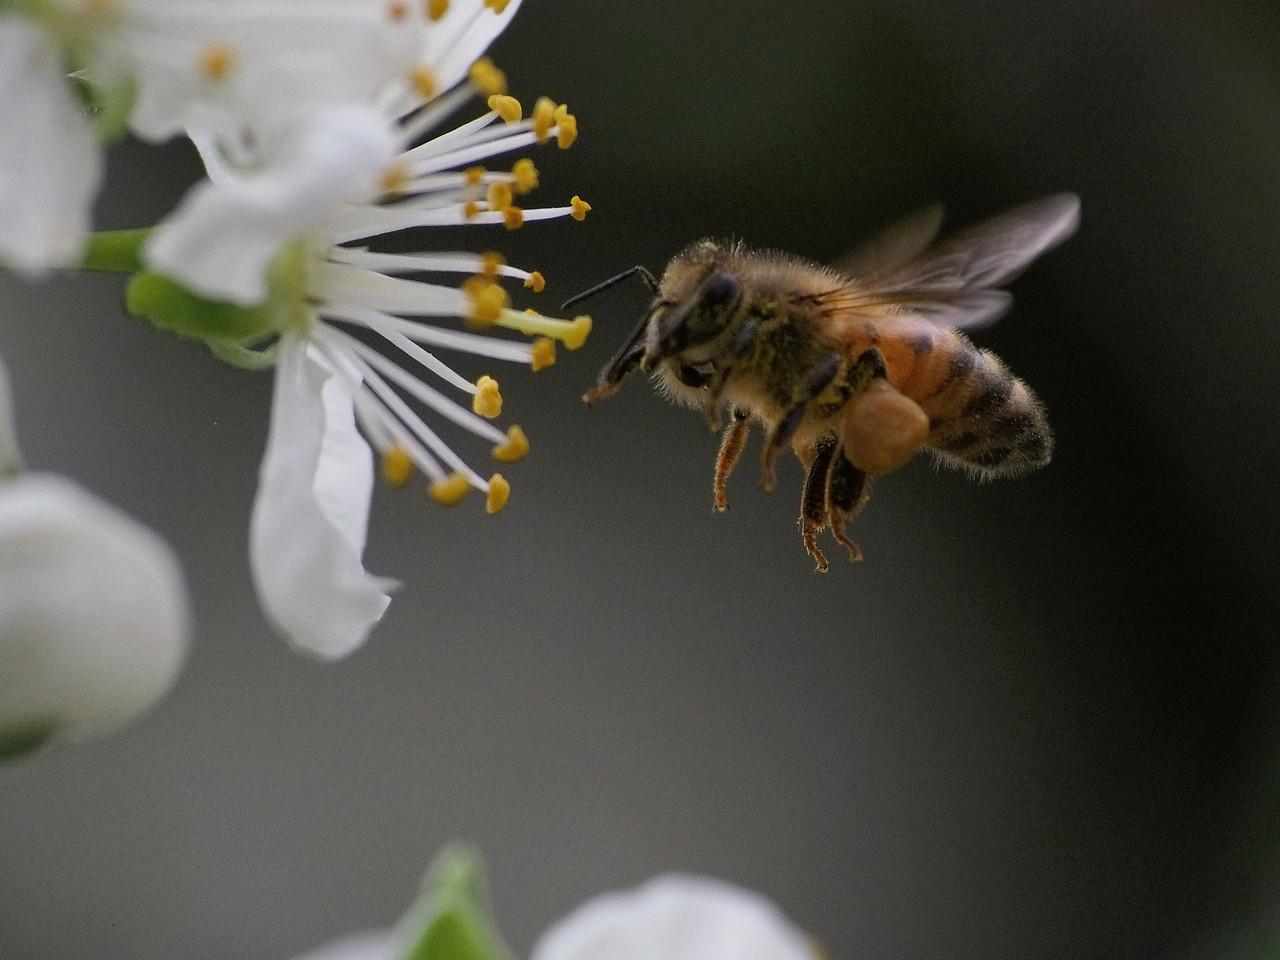 20130907_1333_1629 plum blossom bee